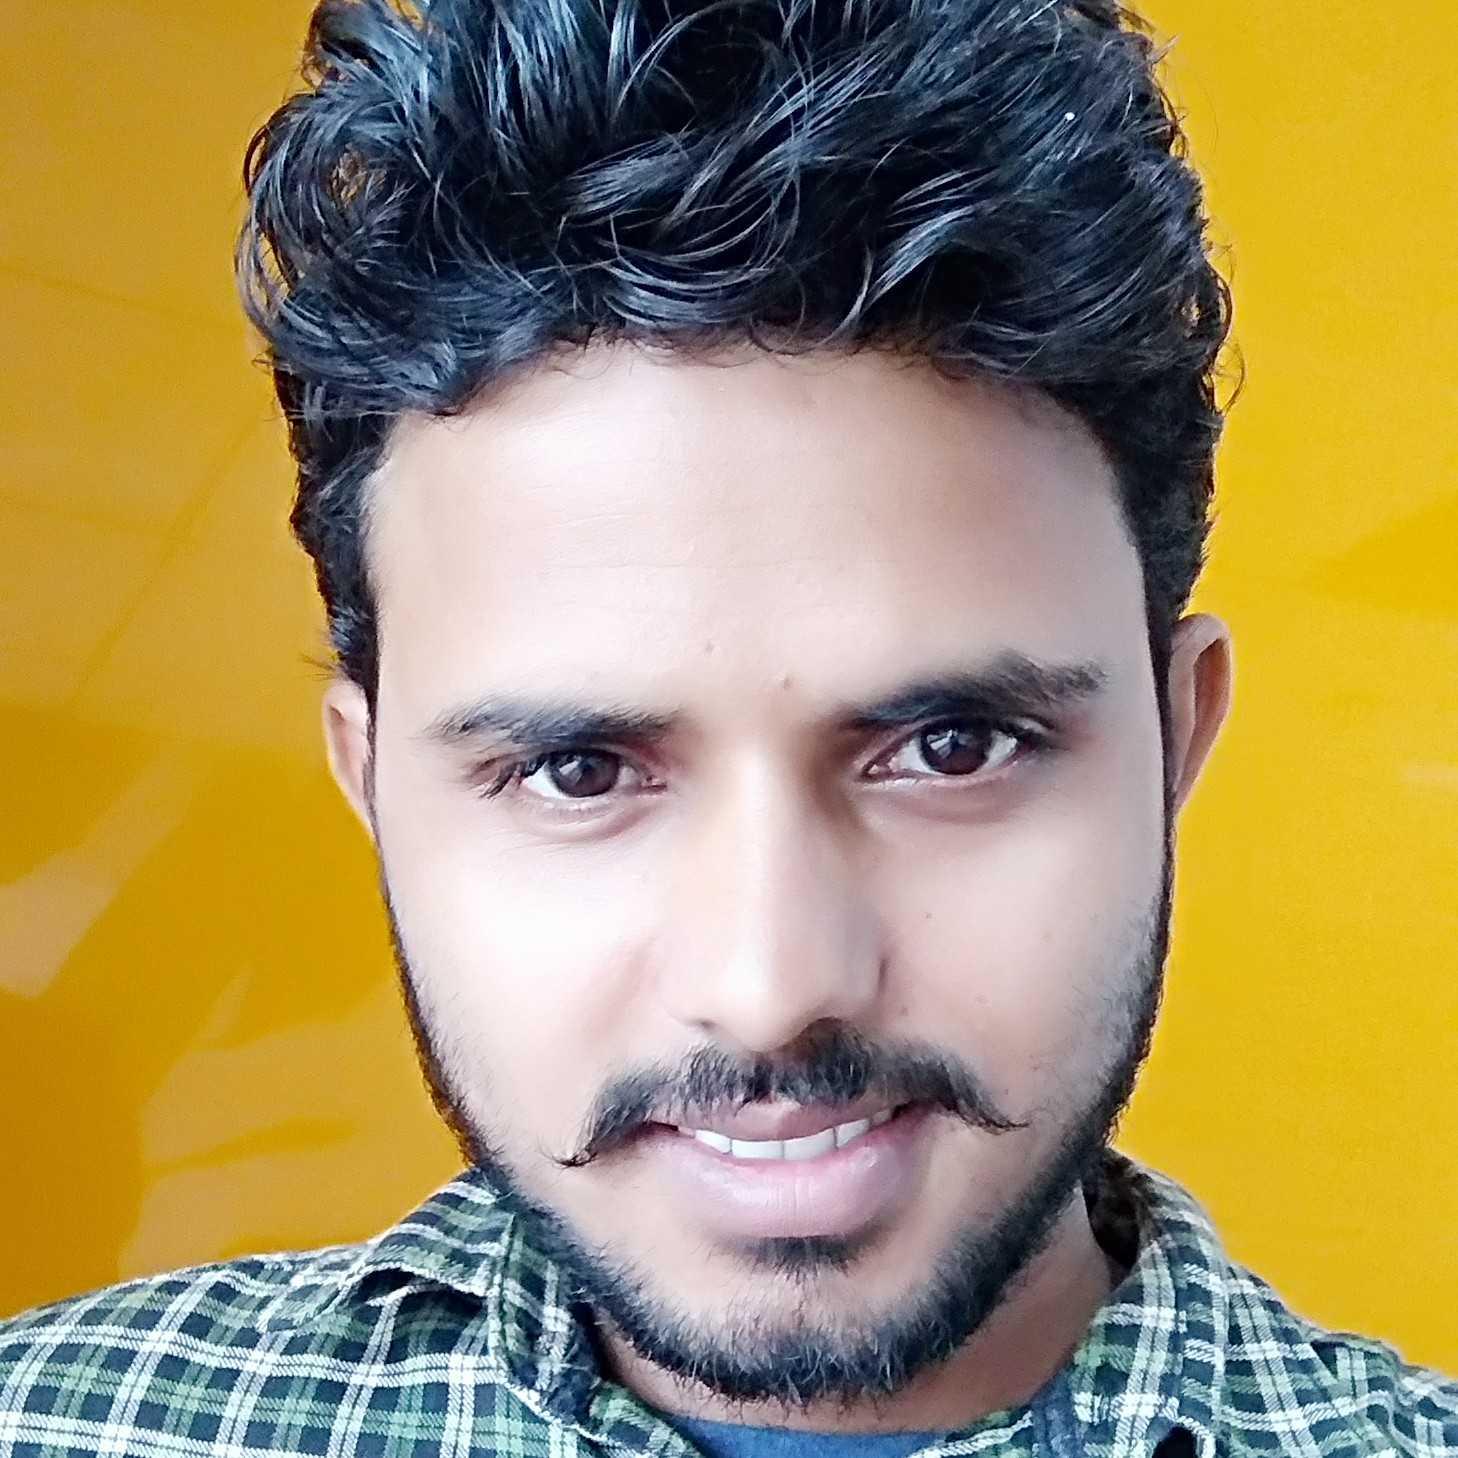 Dev maurya